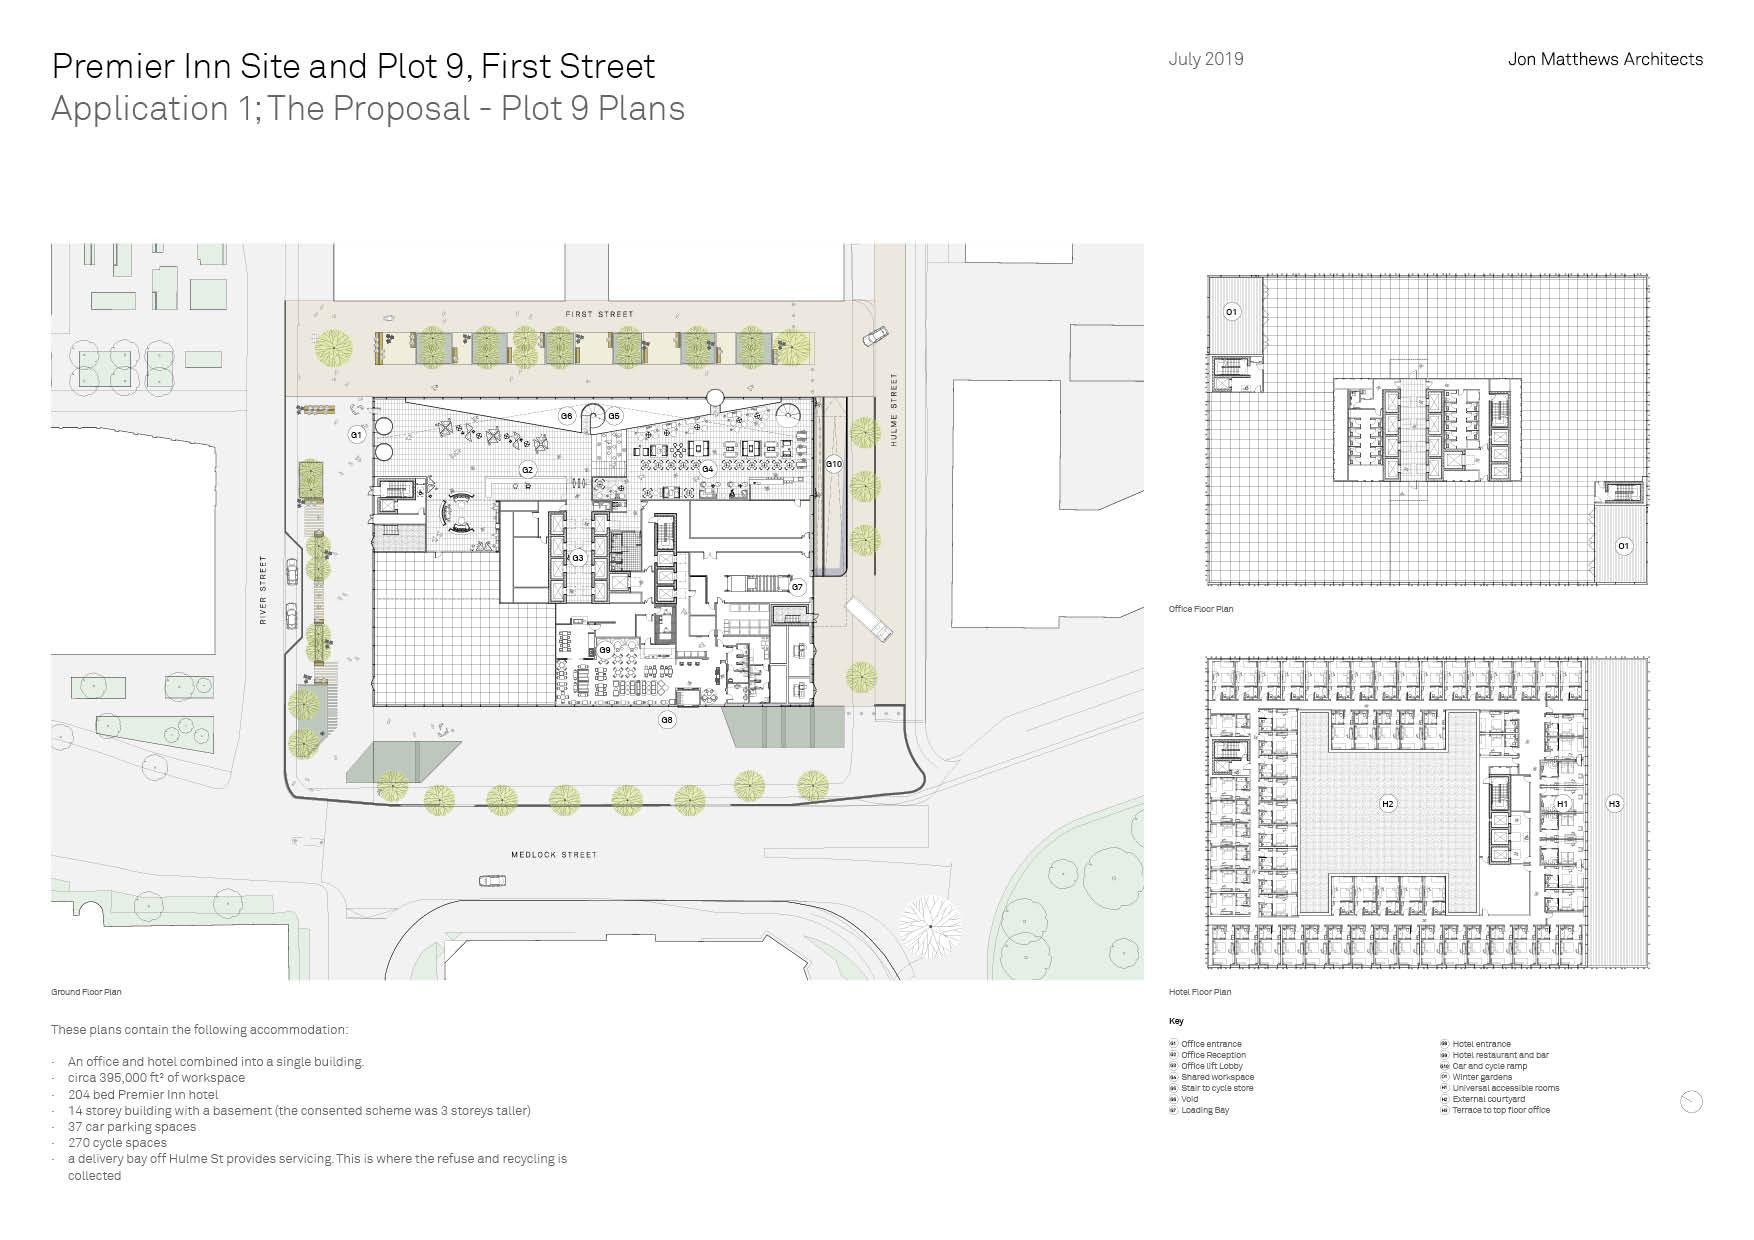 first_street_premier_inn_plot_9_8.jpg